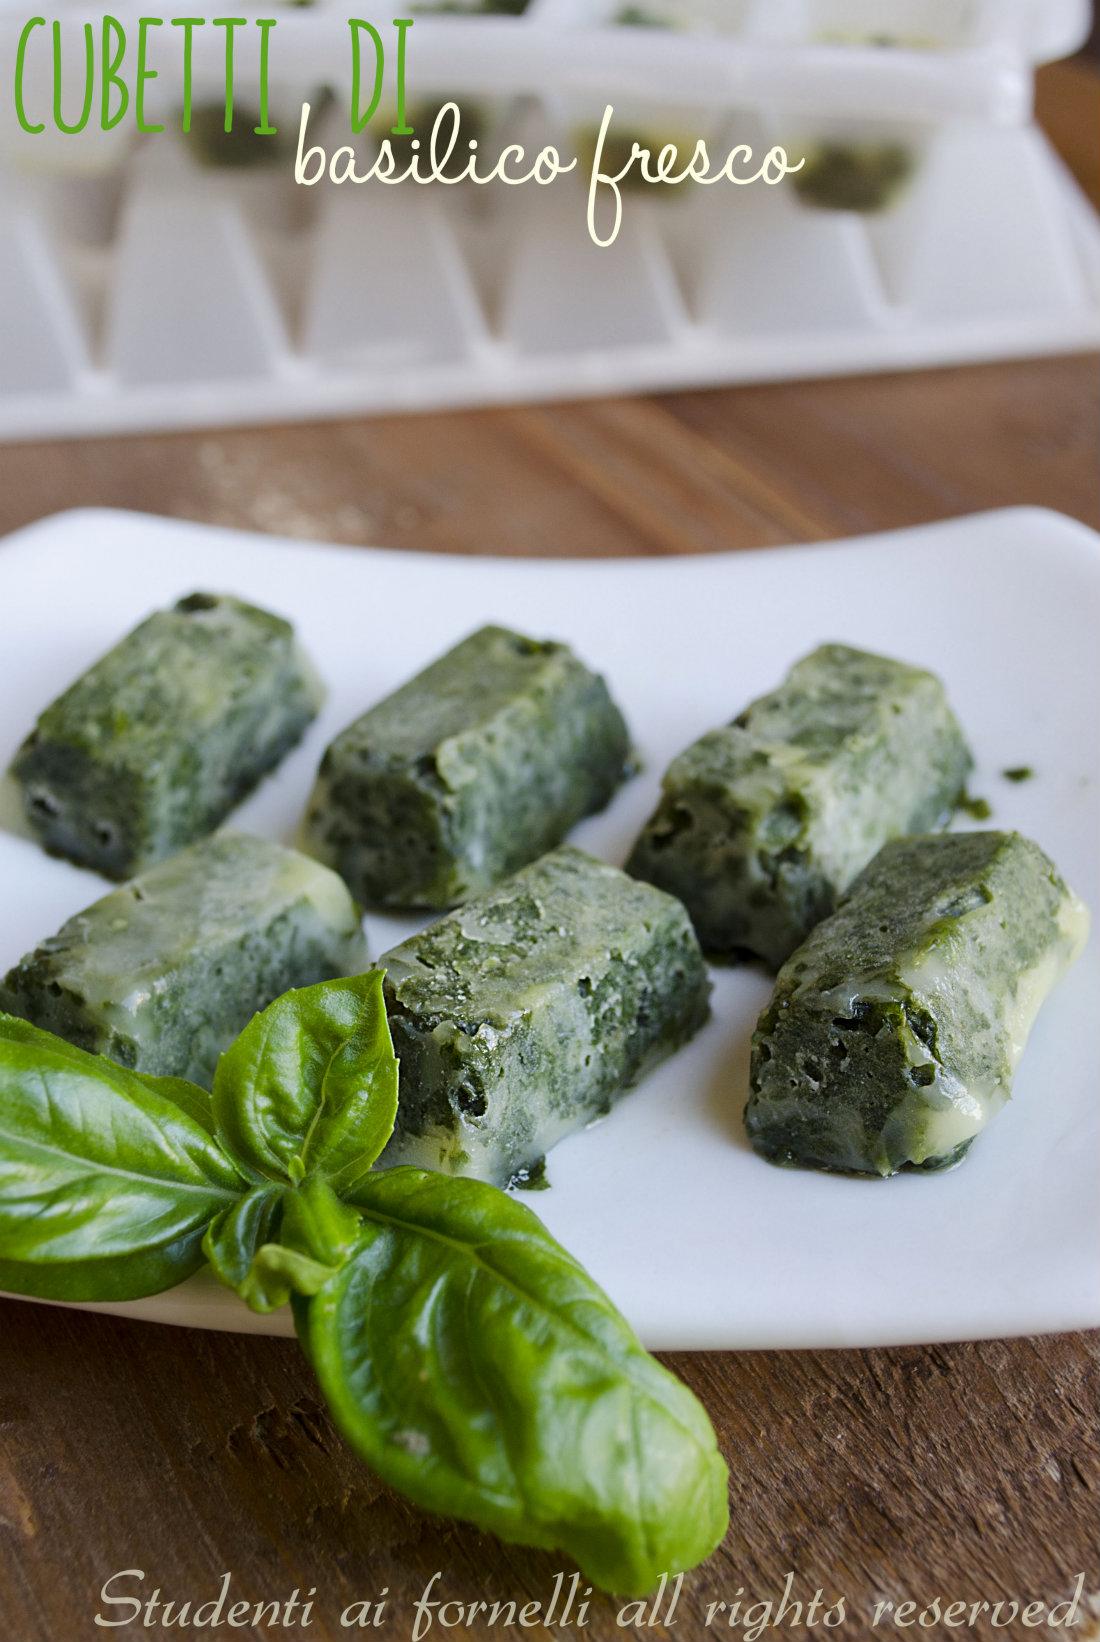 cubetti di basilico e olio di oliva come conservare il basilico fresco consigli